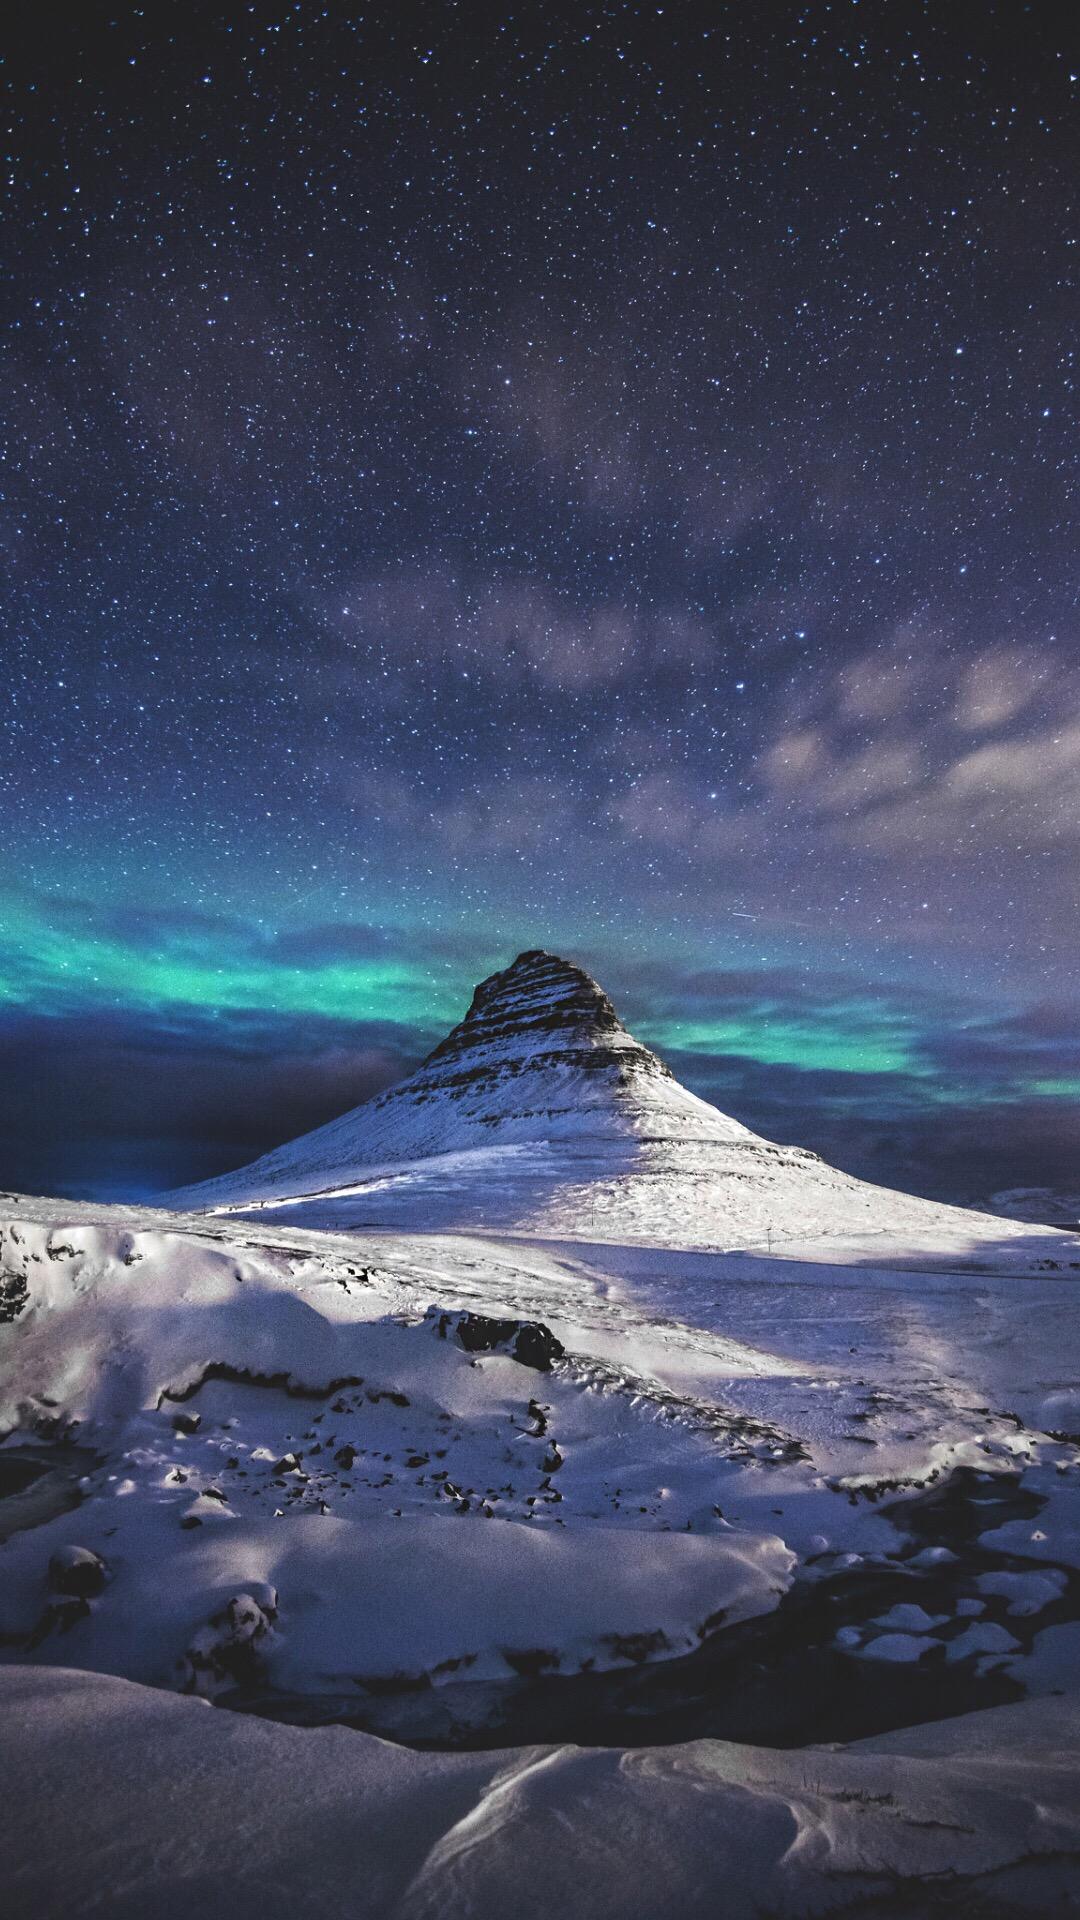 Необычные картинки гор и природы для заставки телефон - сборка 4